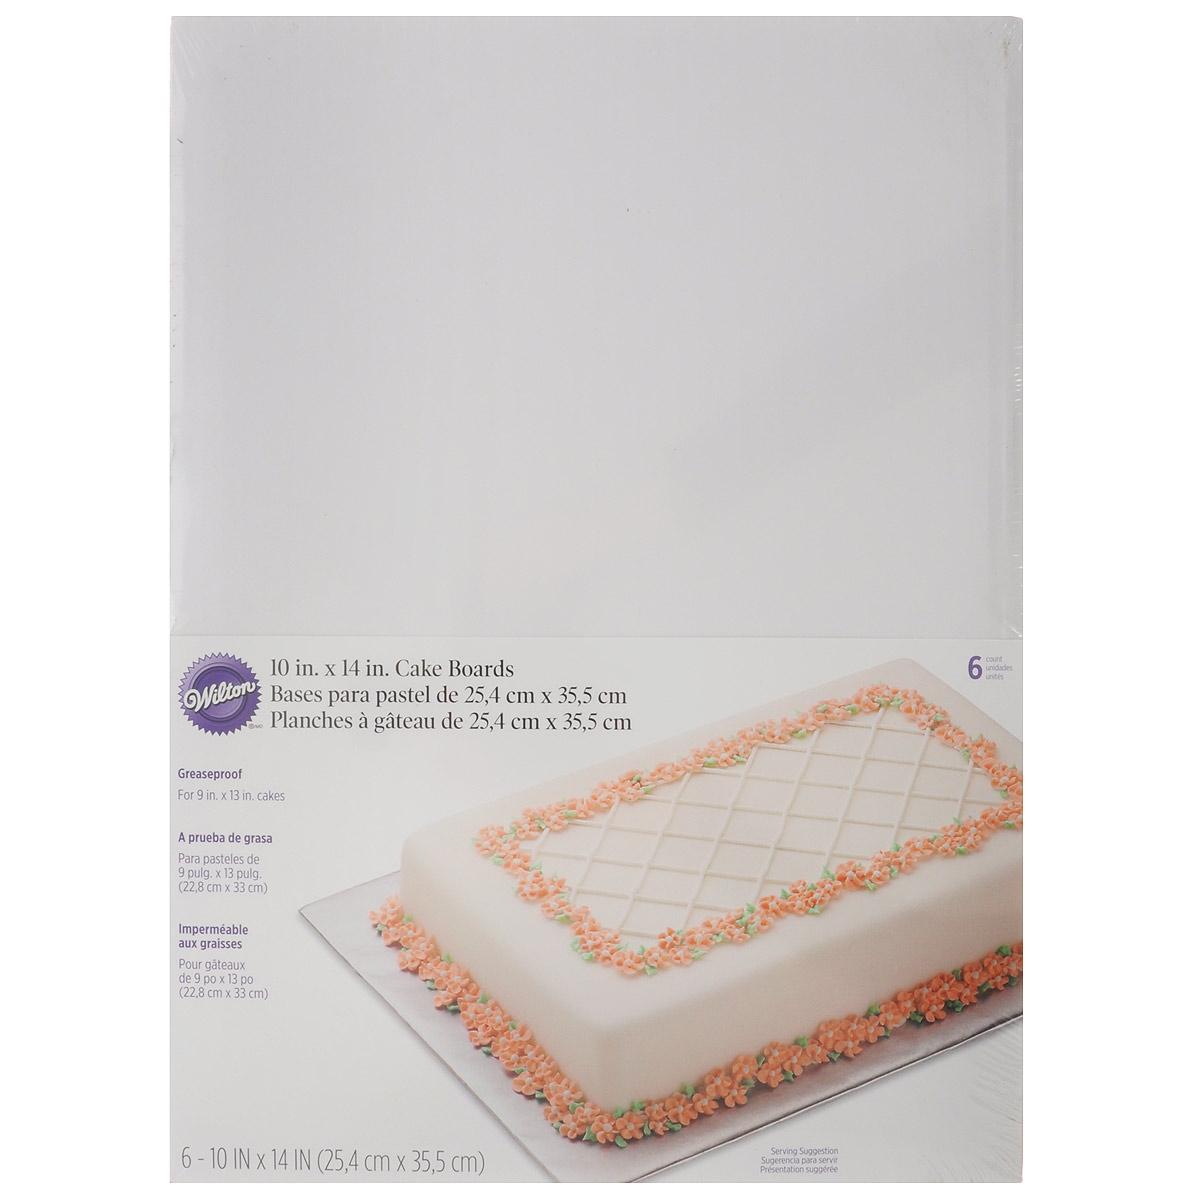 Основа для торта Wilton, прямоугольная, цвет: белый, 25,4 х 35,5 см, 6 штWLT-2104-554Прямоугольная основа Wilton выполнена из гофрированного картона. Используется для сервировки тортов, пиццы, небольших праздничных угощений, закусок и т.п. Размер: 25,4 см х 35,5 см. Толщина: 2 мм.